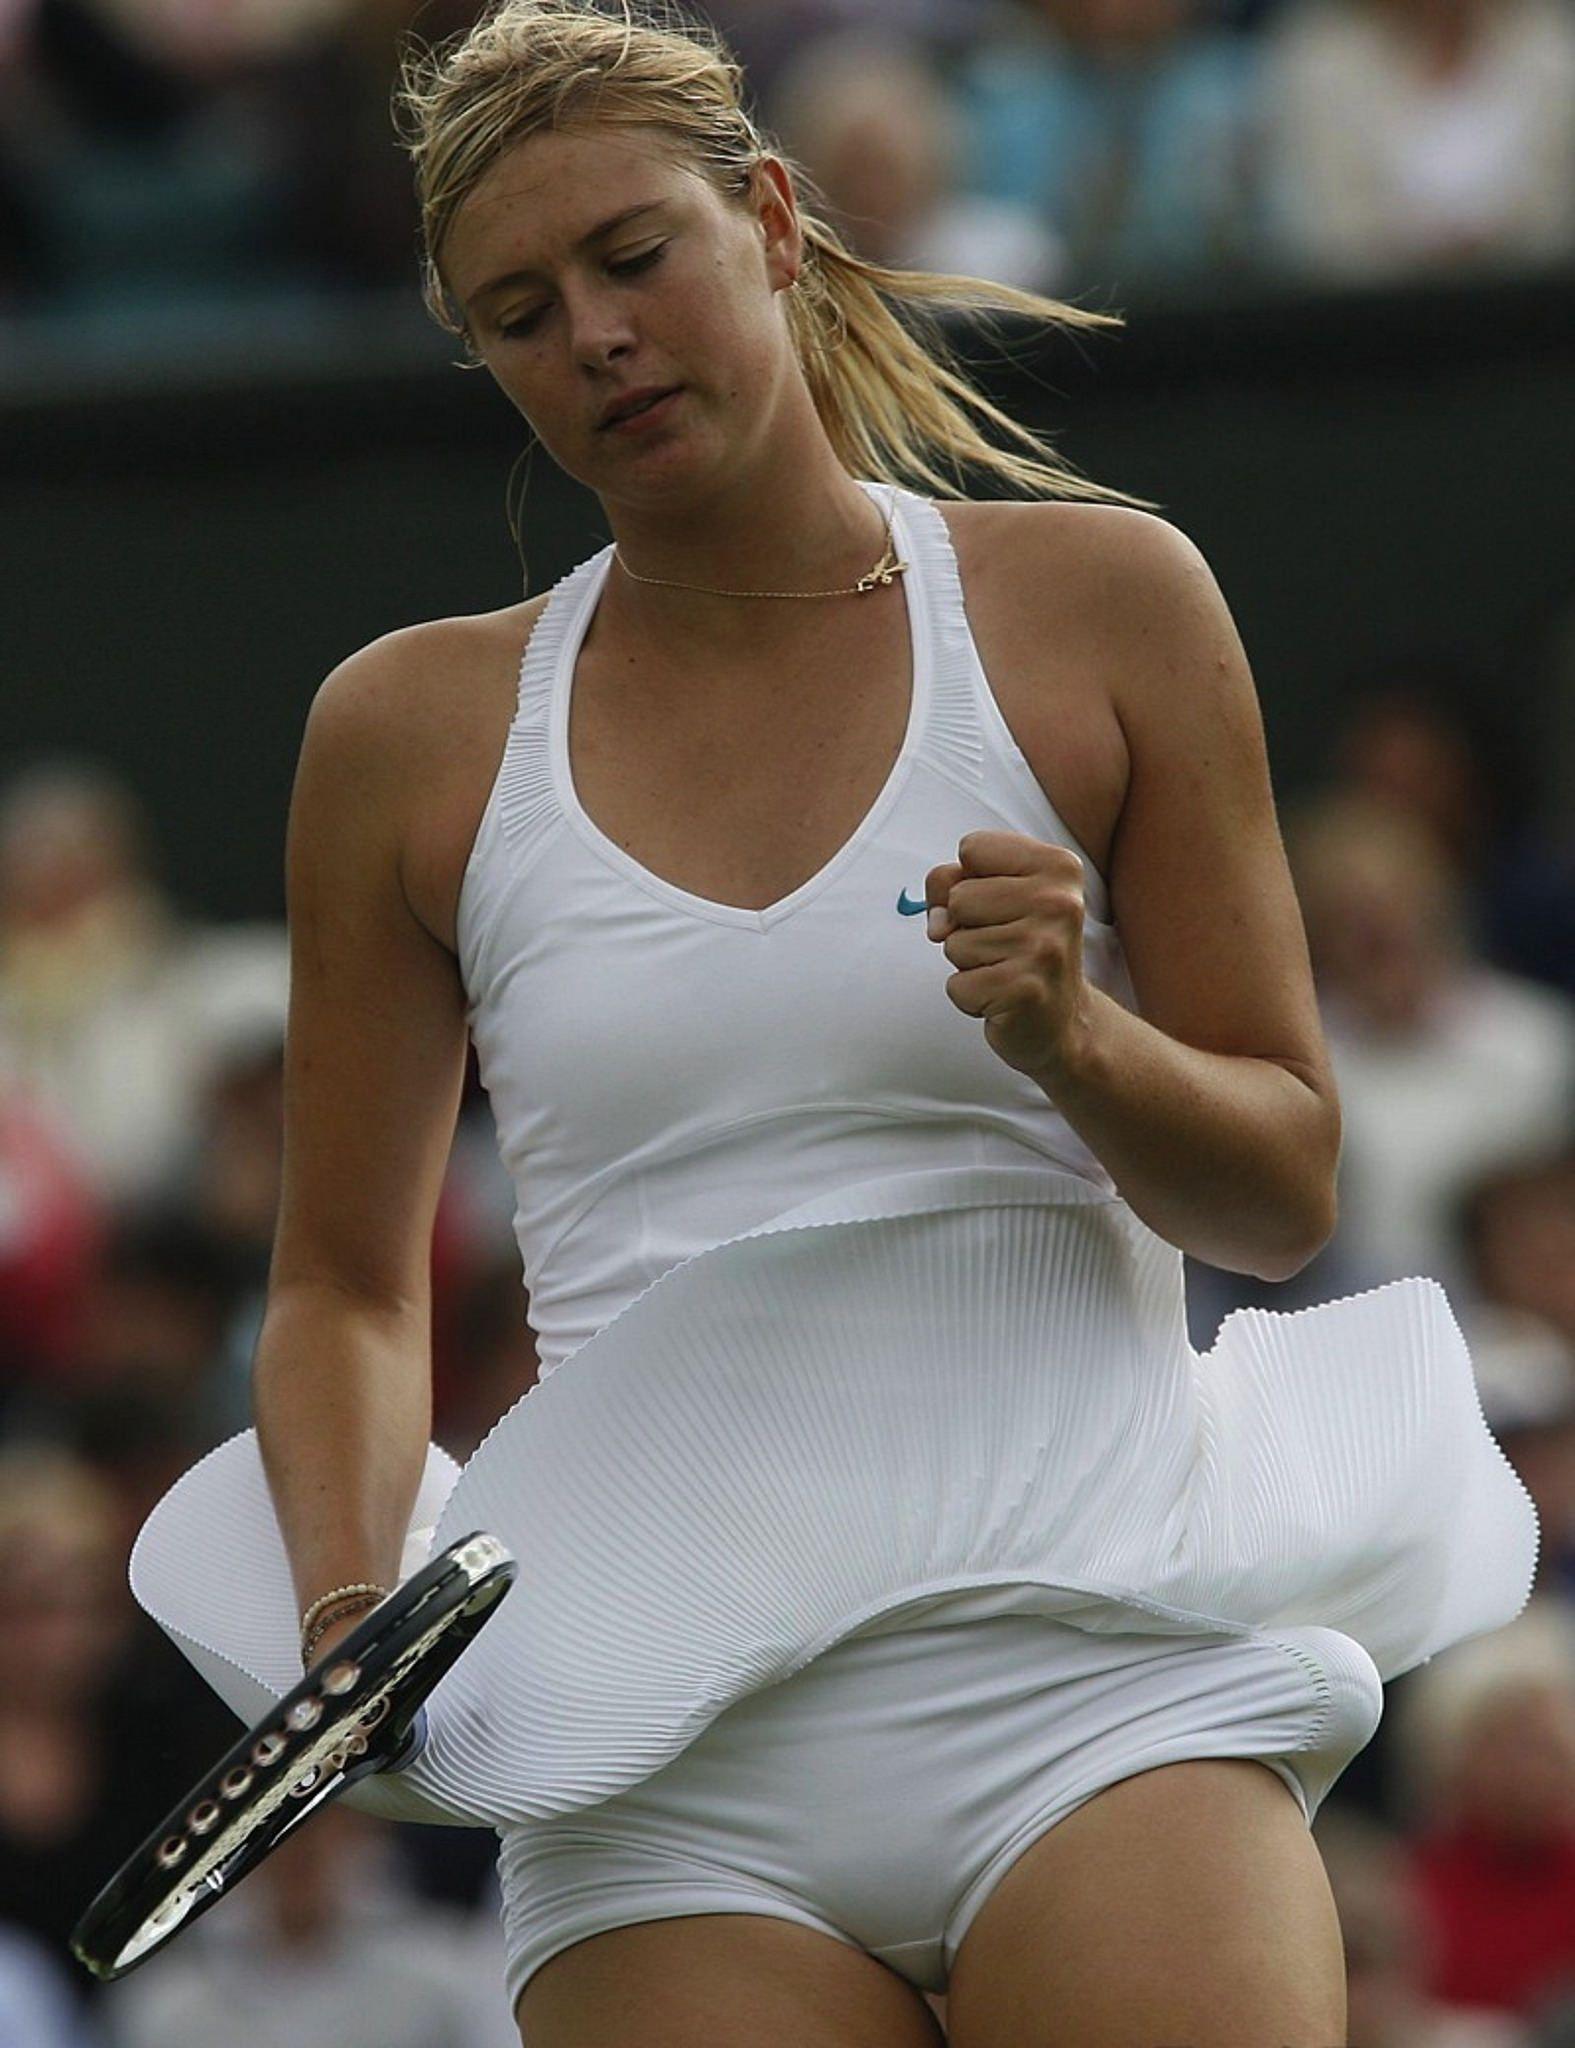 Maria Sharapova Hot Upskirt1 Maria Sharapova Hot